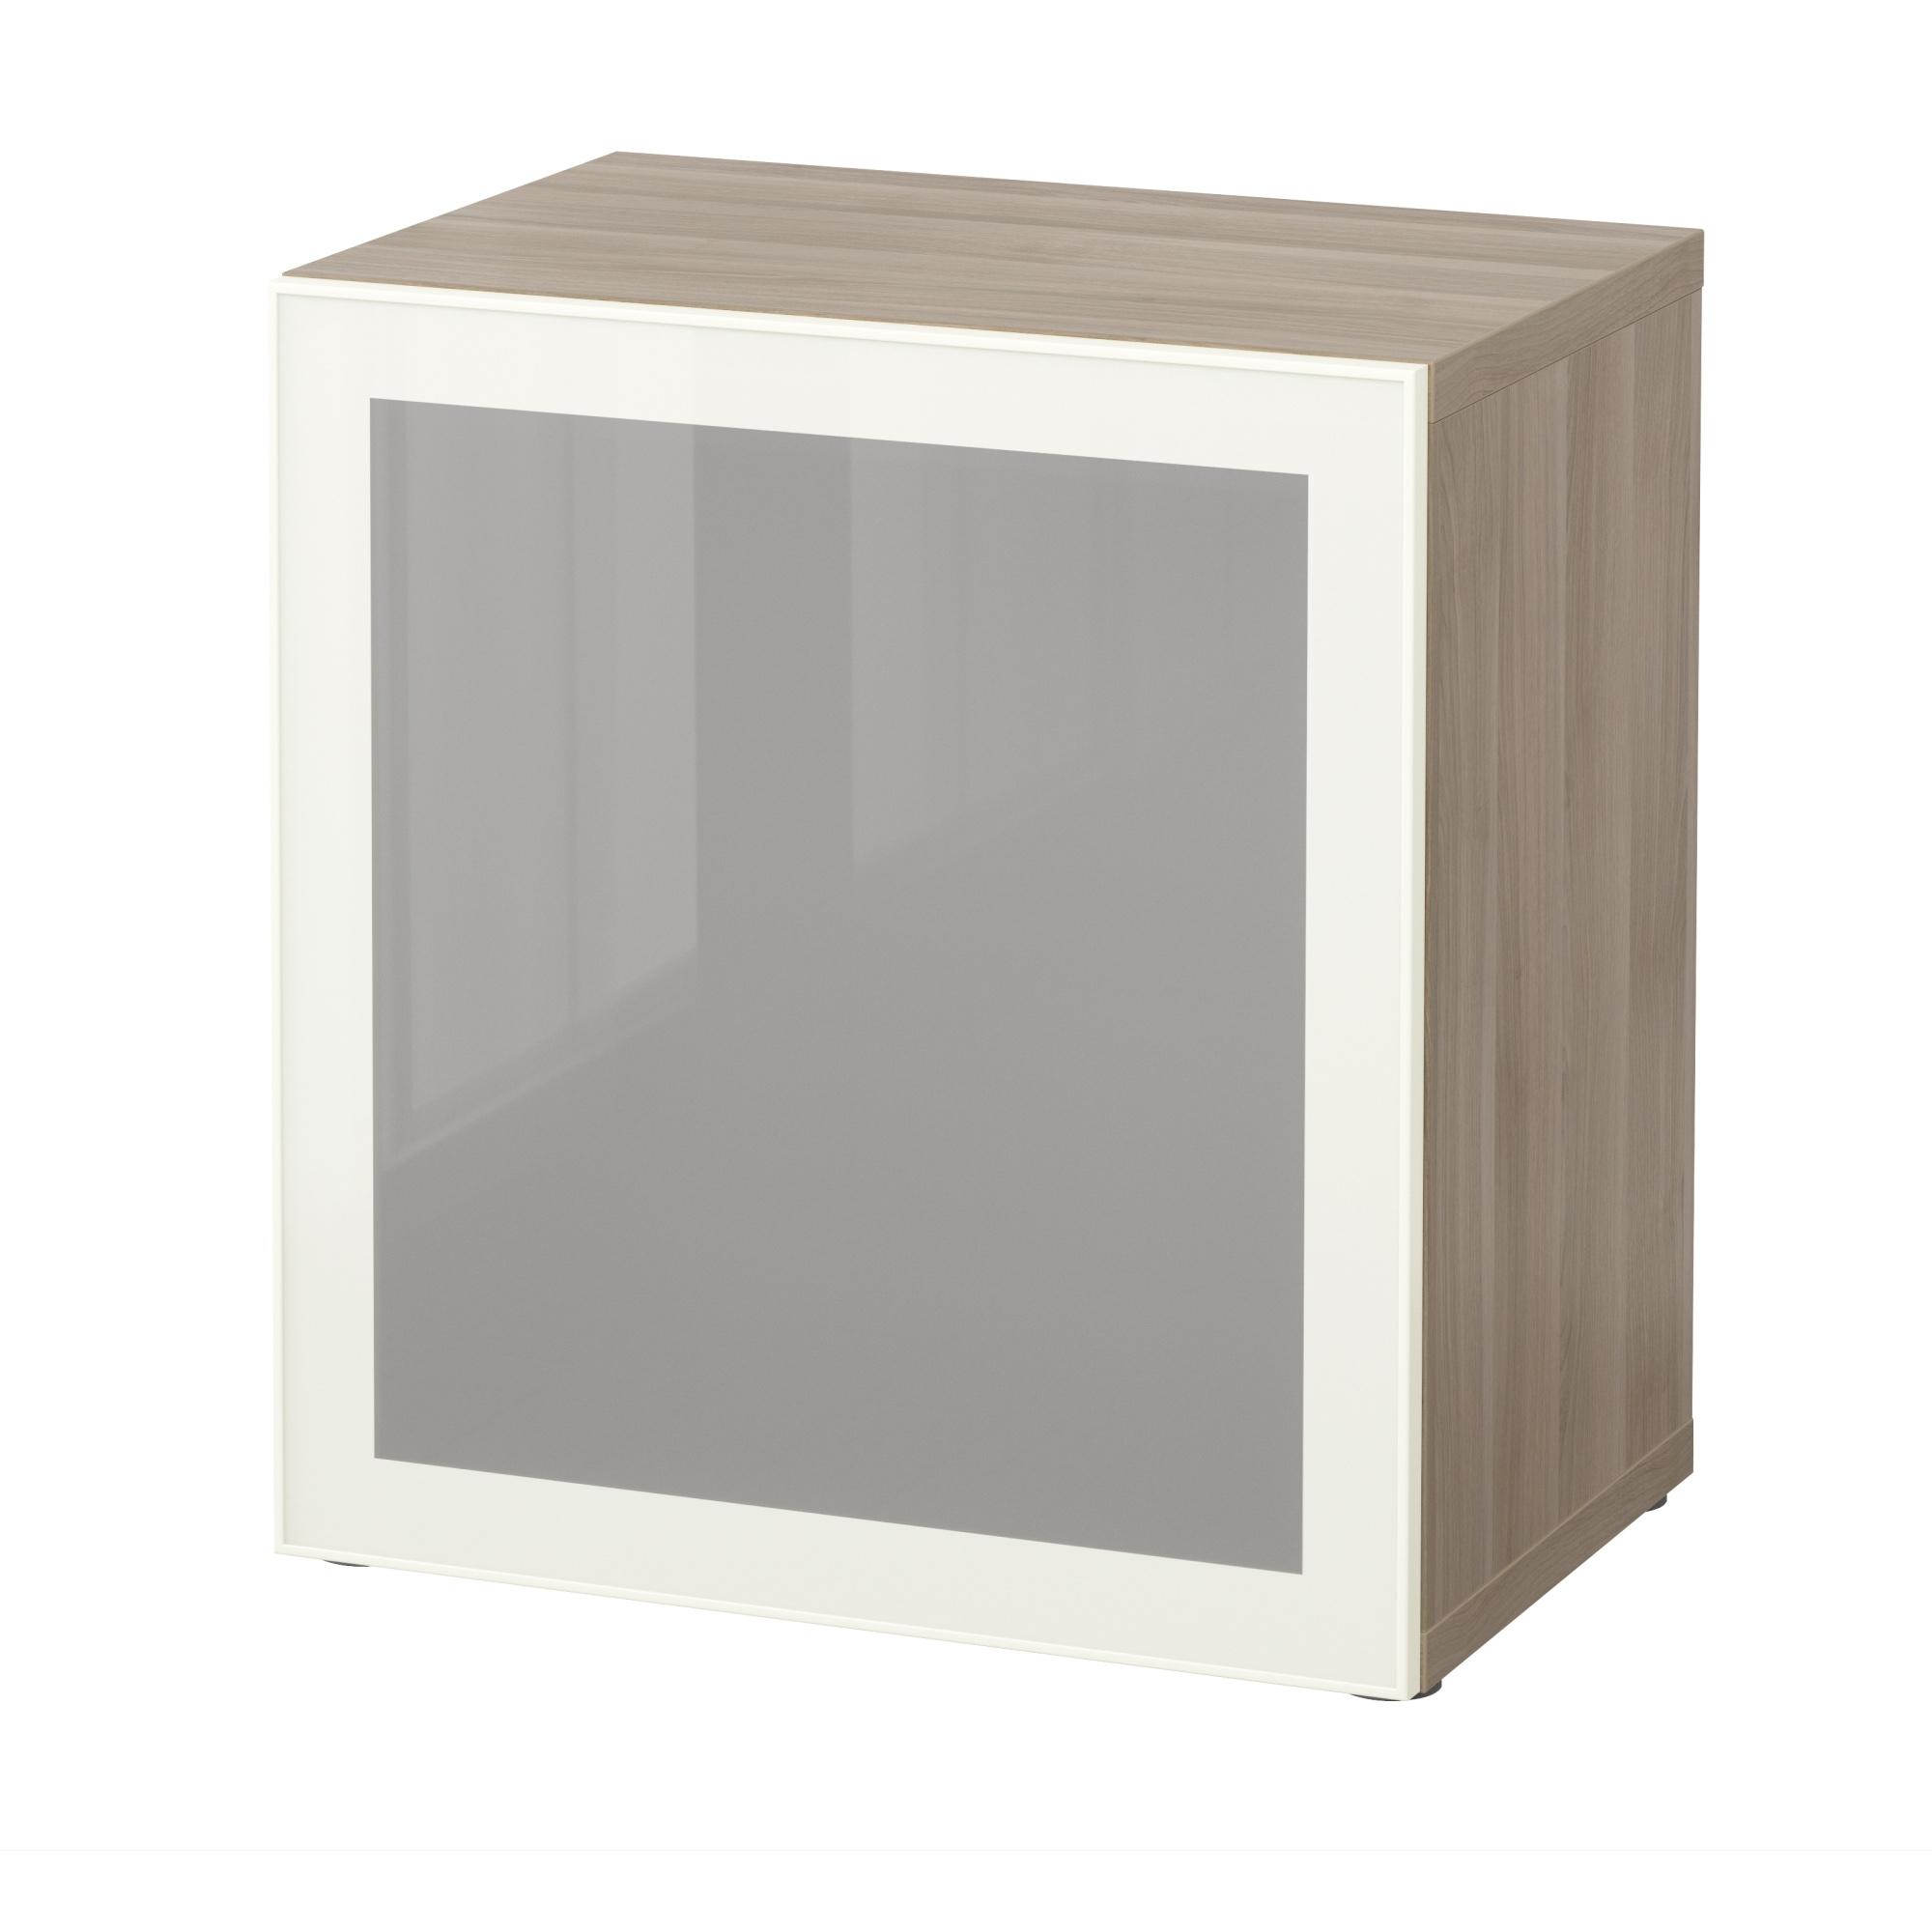 Best estante con puerta de vidiro - Ikea envio a casa ...